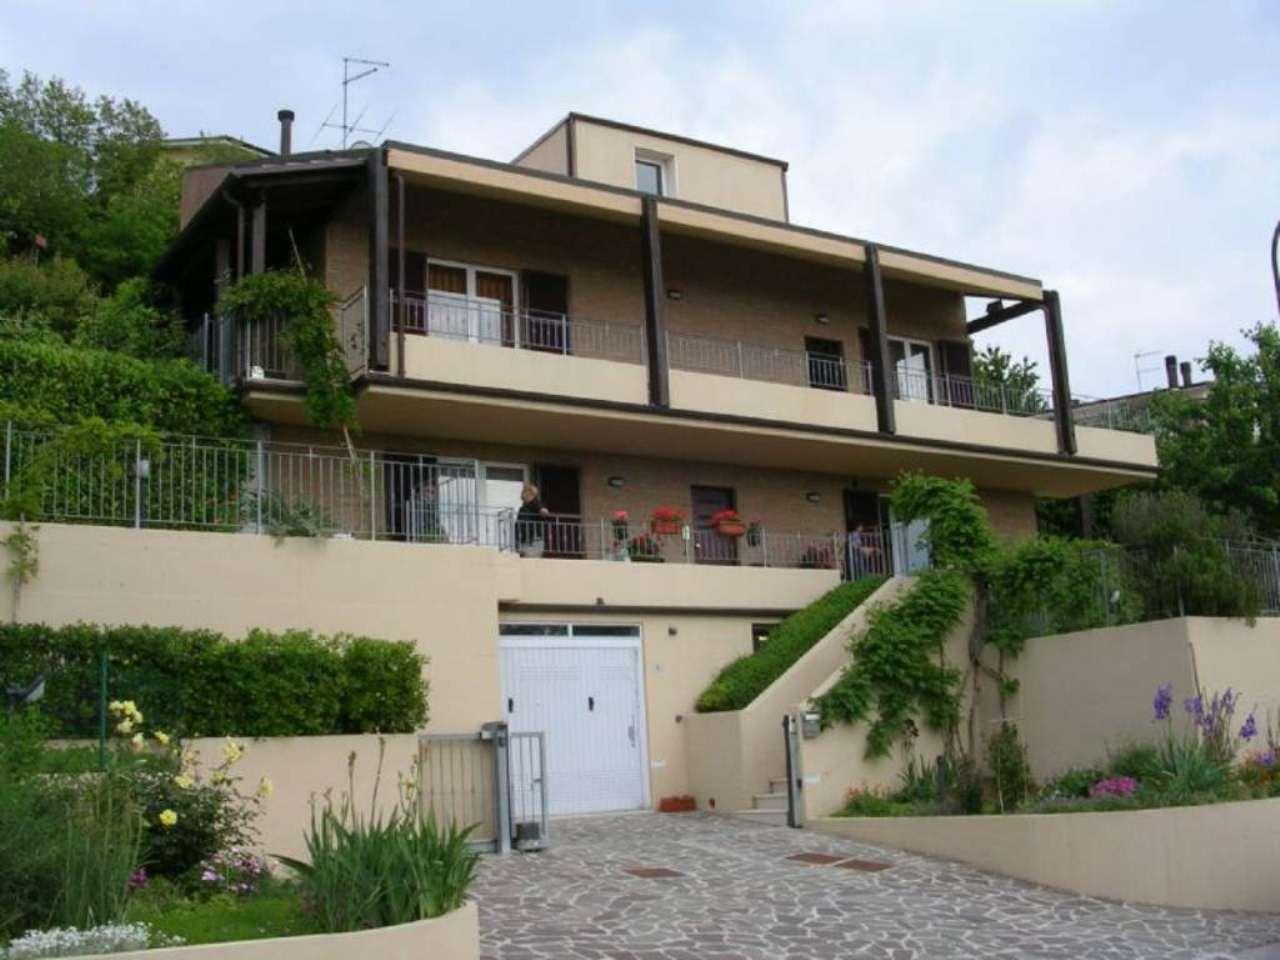 Soluzione Indipendente in vendita a Monteciccardo, 9 locali, prezzo € 600.000 | CambioCasa.it